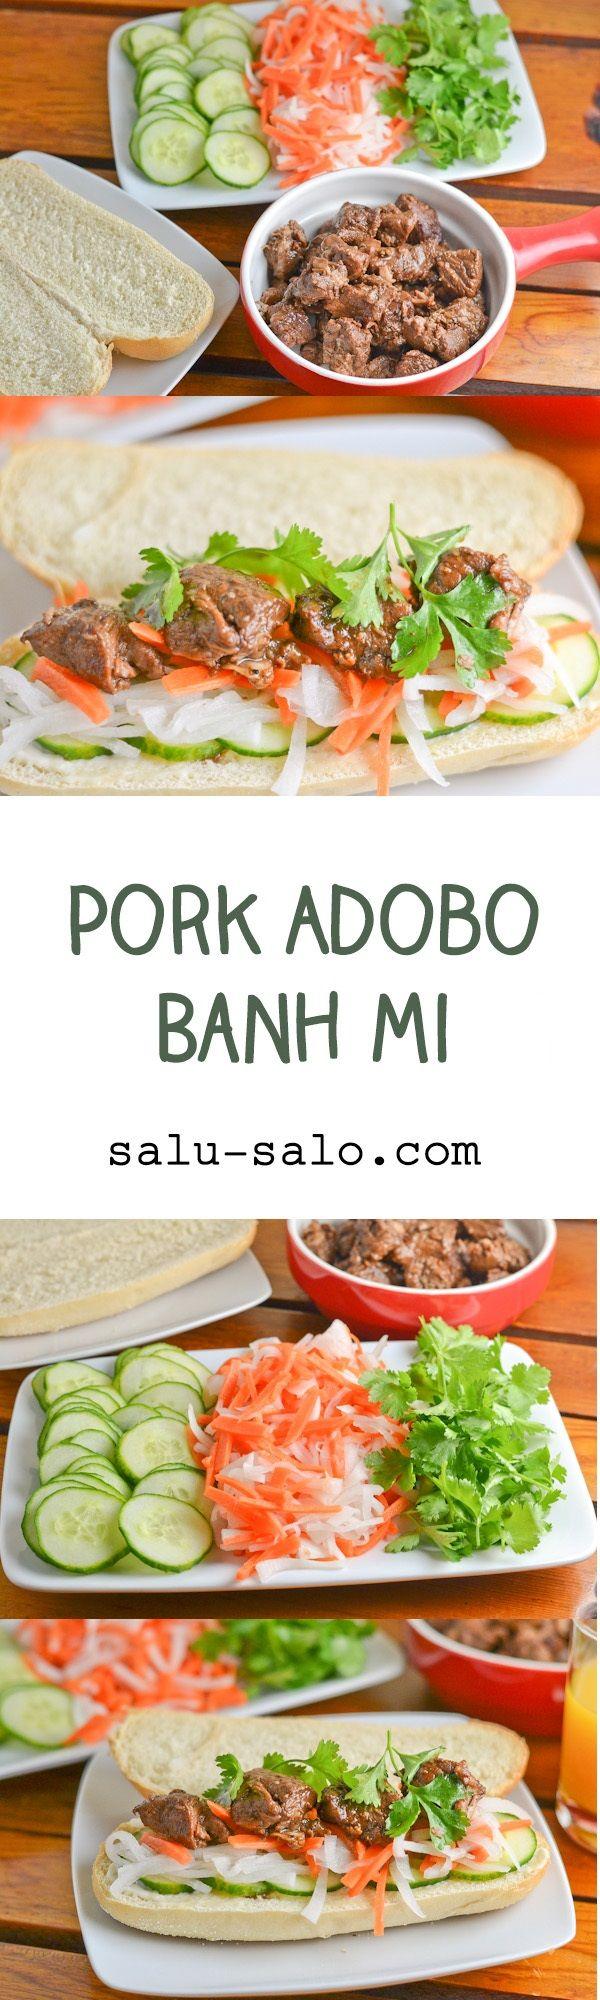 Pork Adobo Banh Mi Vietnamese